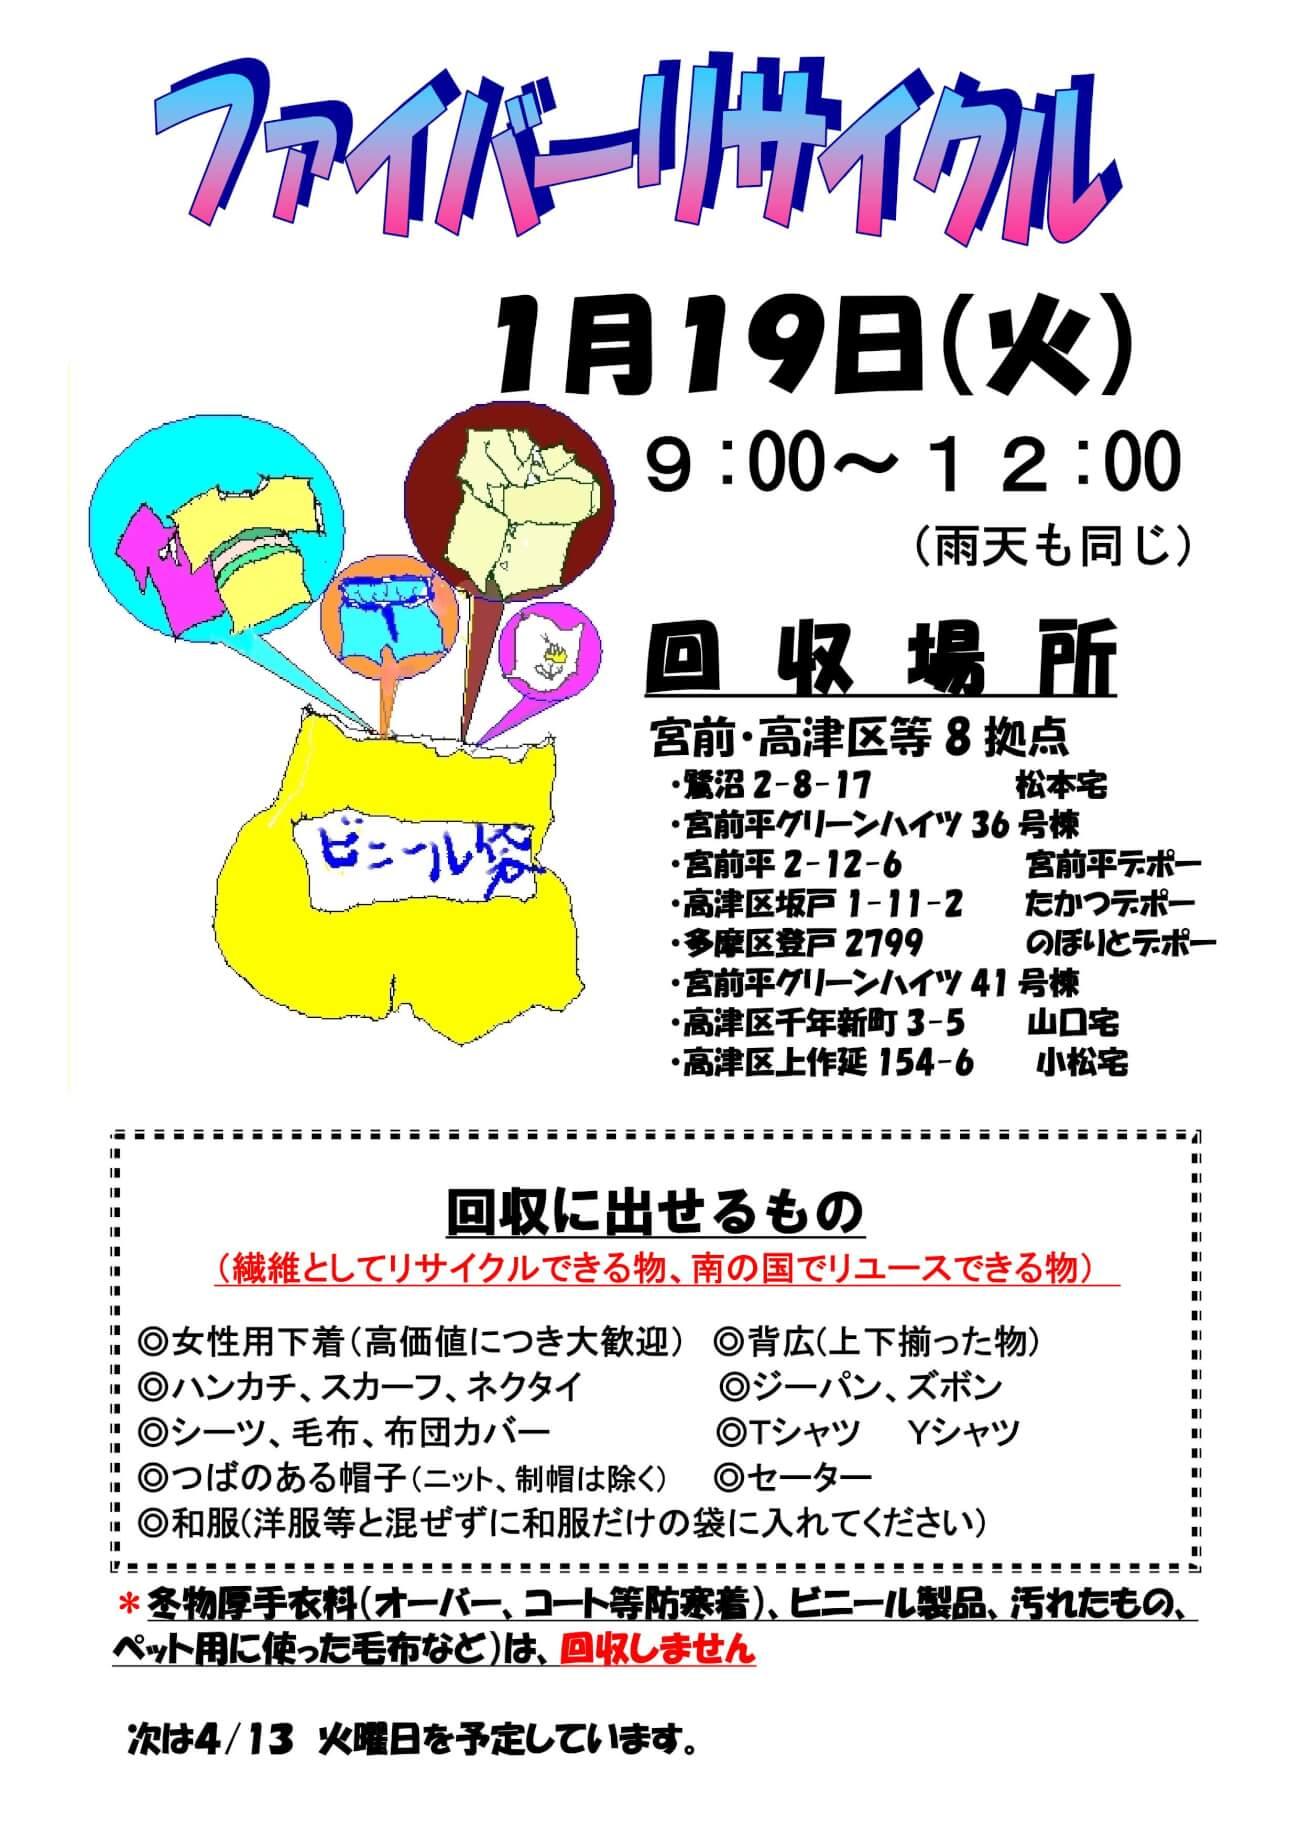 ファイバーリサイクルビラ2021-01まち倶楽部_imgs-0001